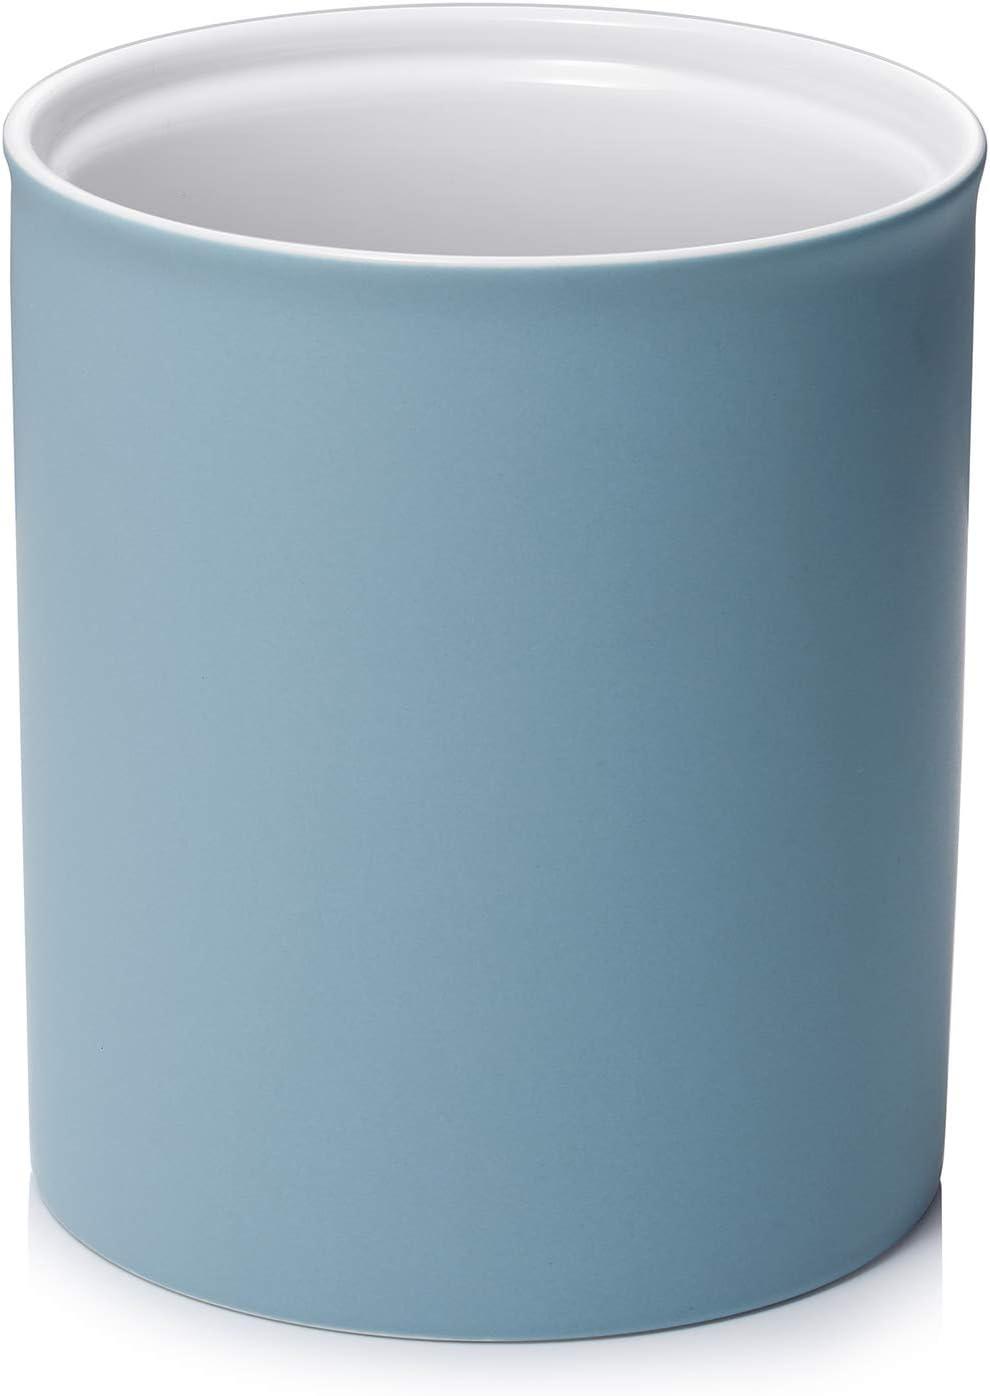 """DOWAN Kitchen Utensil Holder, 7.2"""" Large Utensil Holders for Countertop, Heavy Ceramic Utensil Crock, Anti Slip & Scratch Cork Bottom, Utensil Crock for Home Décor, Matte Blue"""